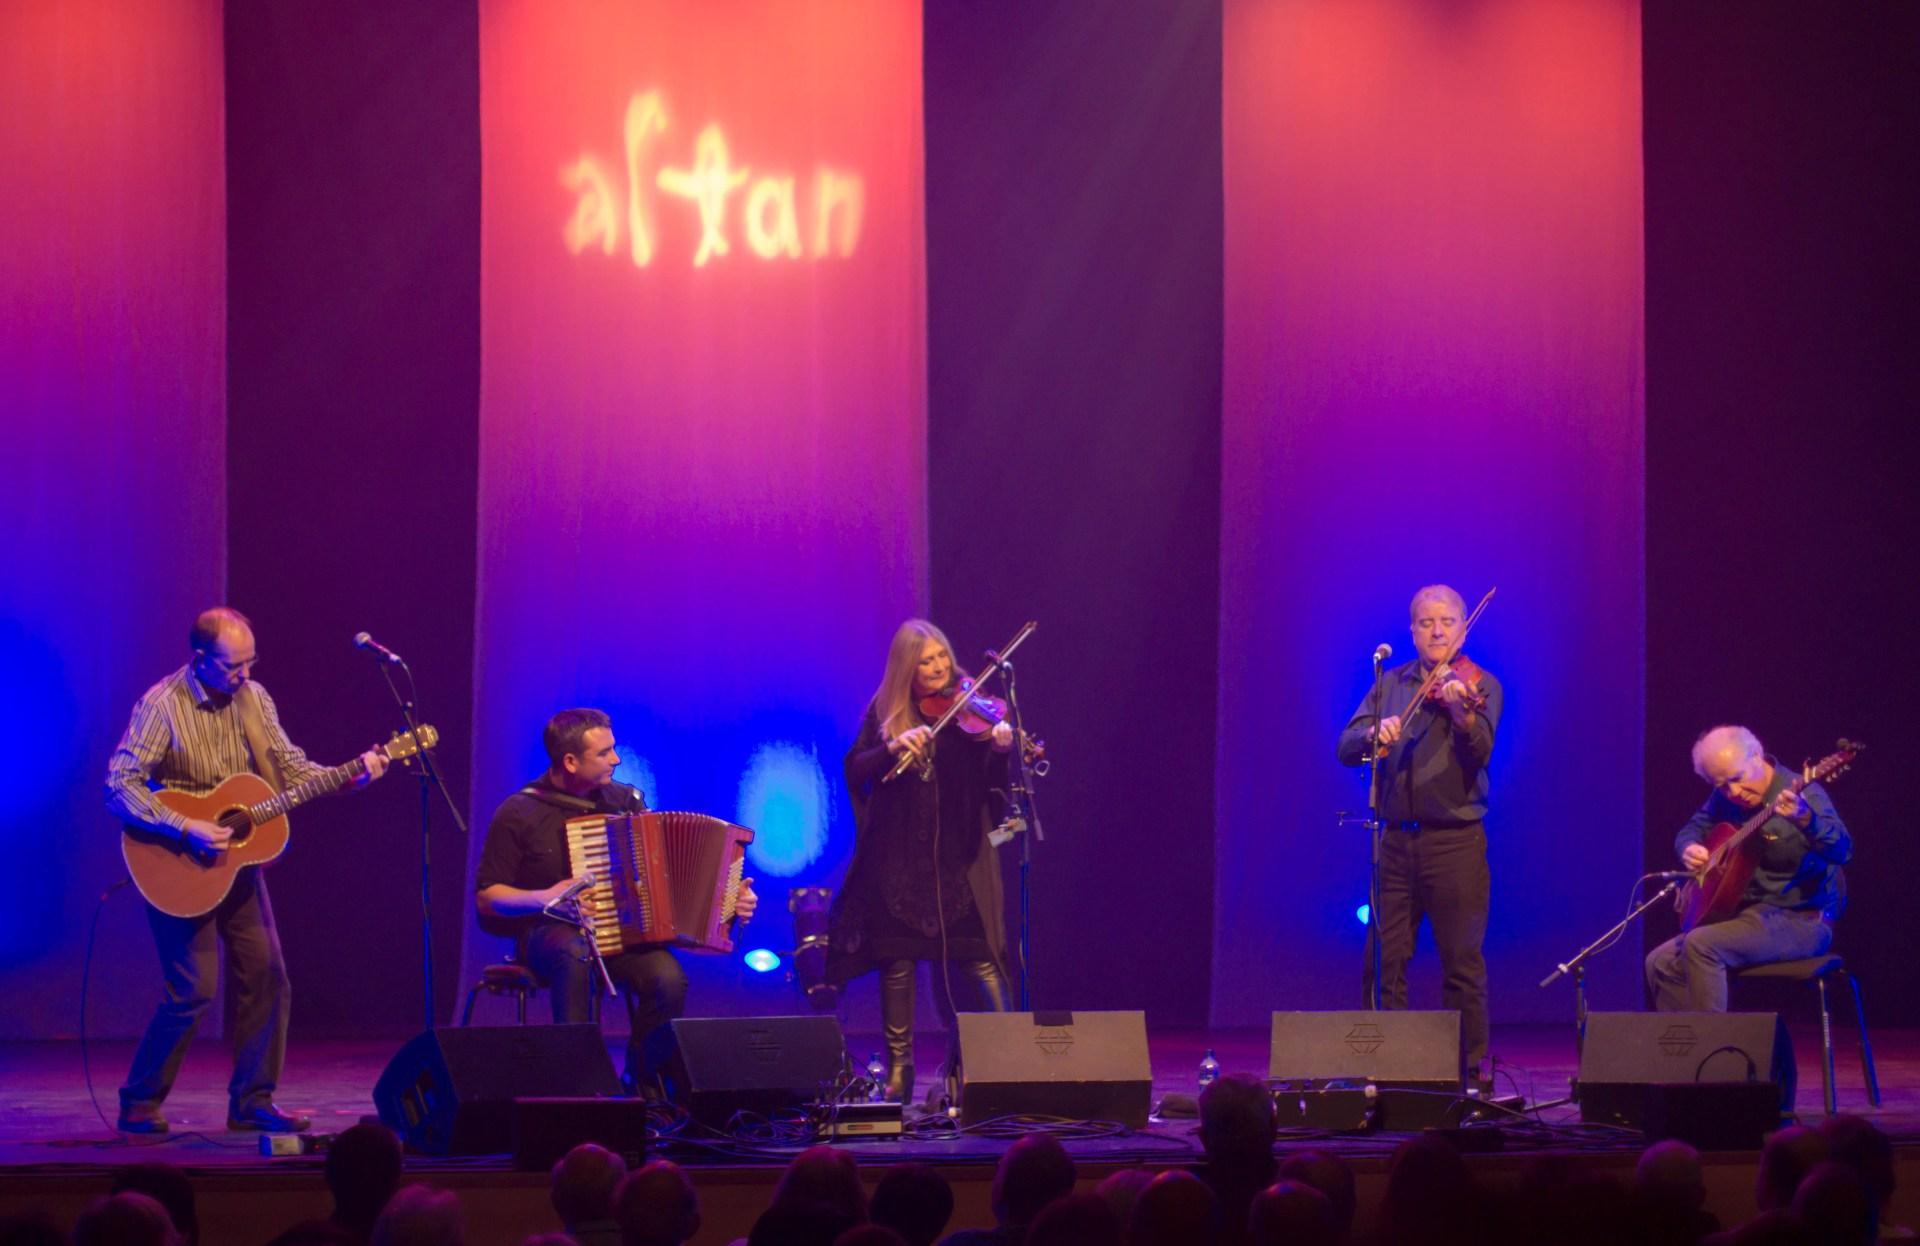 Altan, Perth Concert Hall